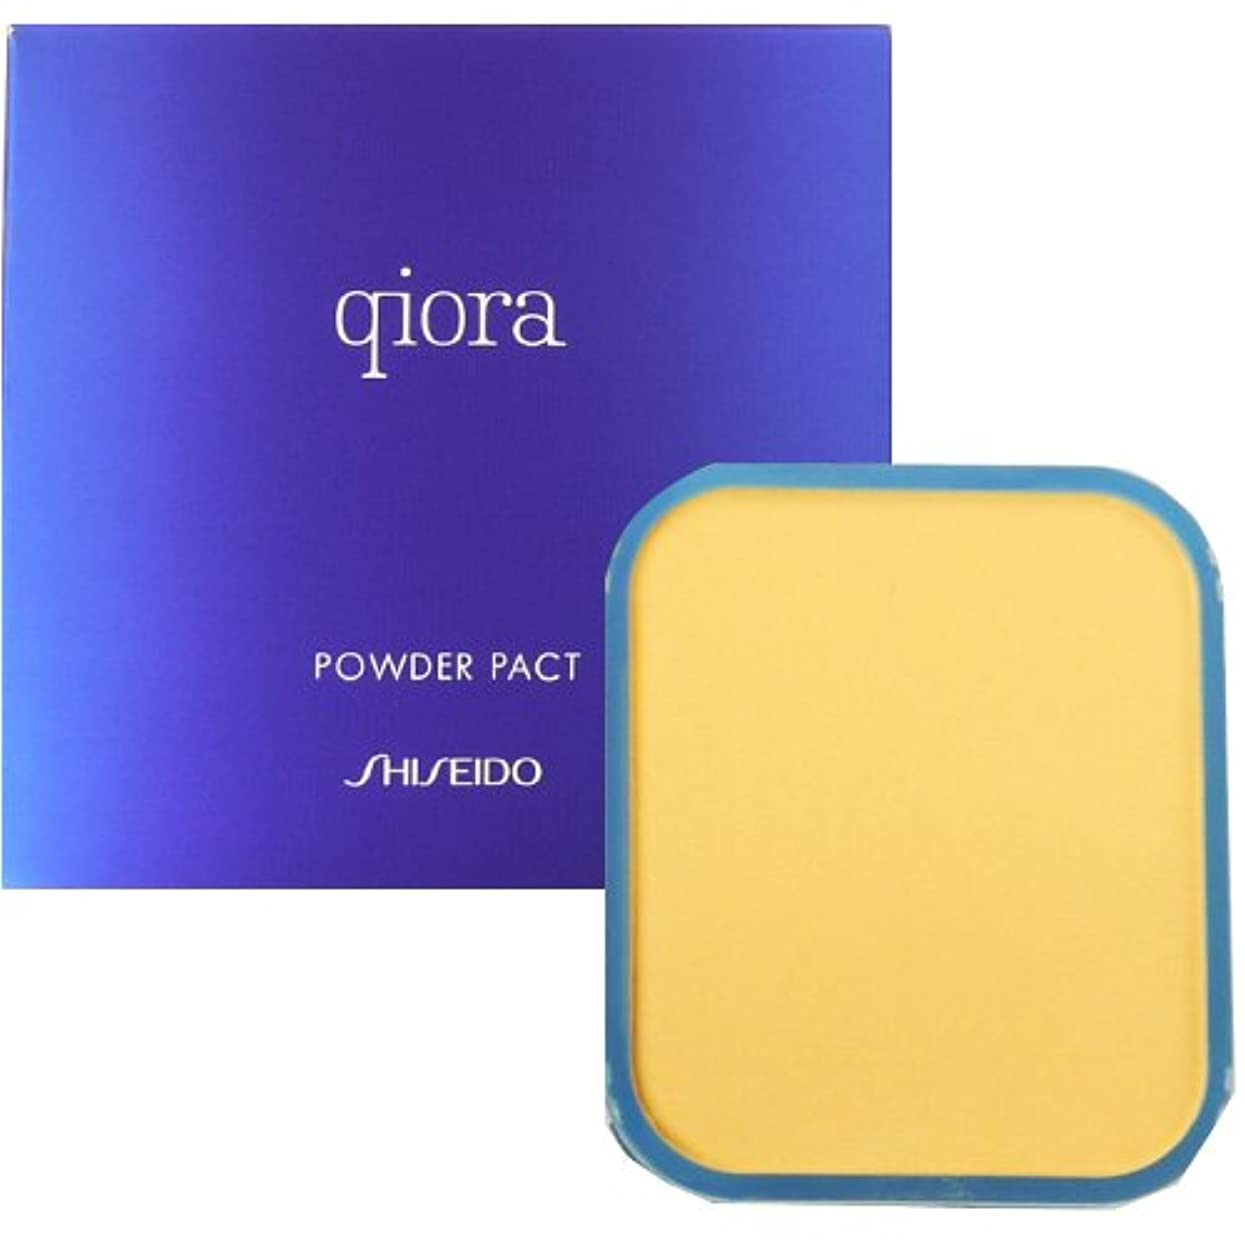 つぶす大ディプロマ資生堂 キオラ qiora パウダーパクト SPF17 PA++ 【詰め替え用】 10g【ベージュオークル10】